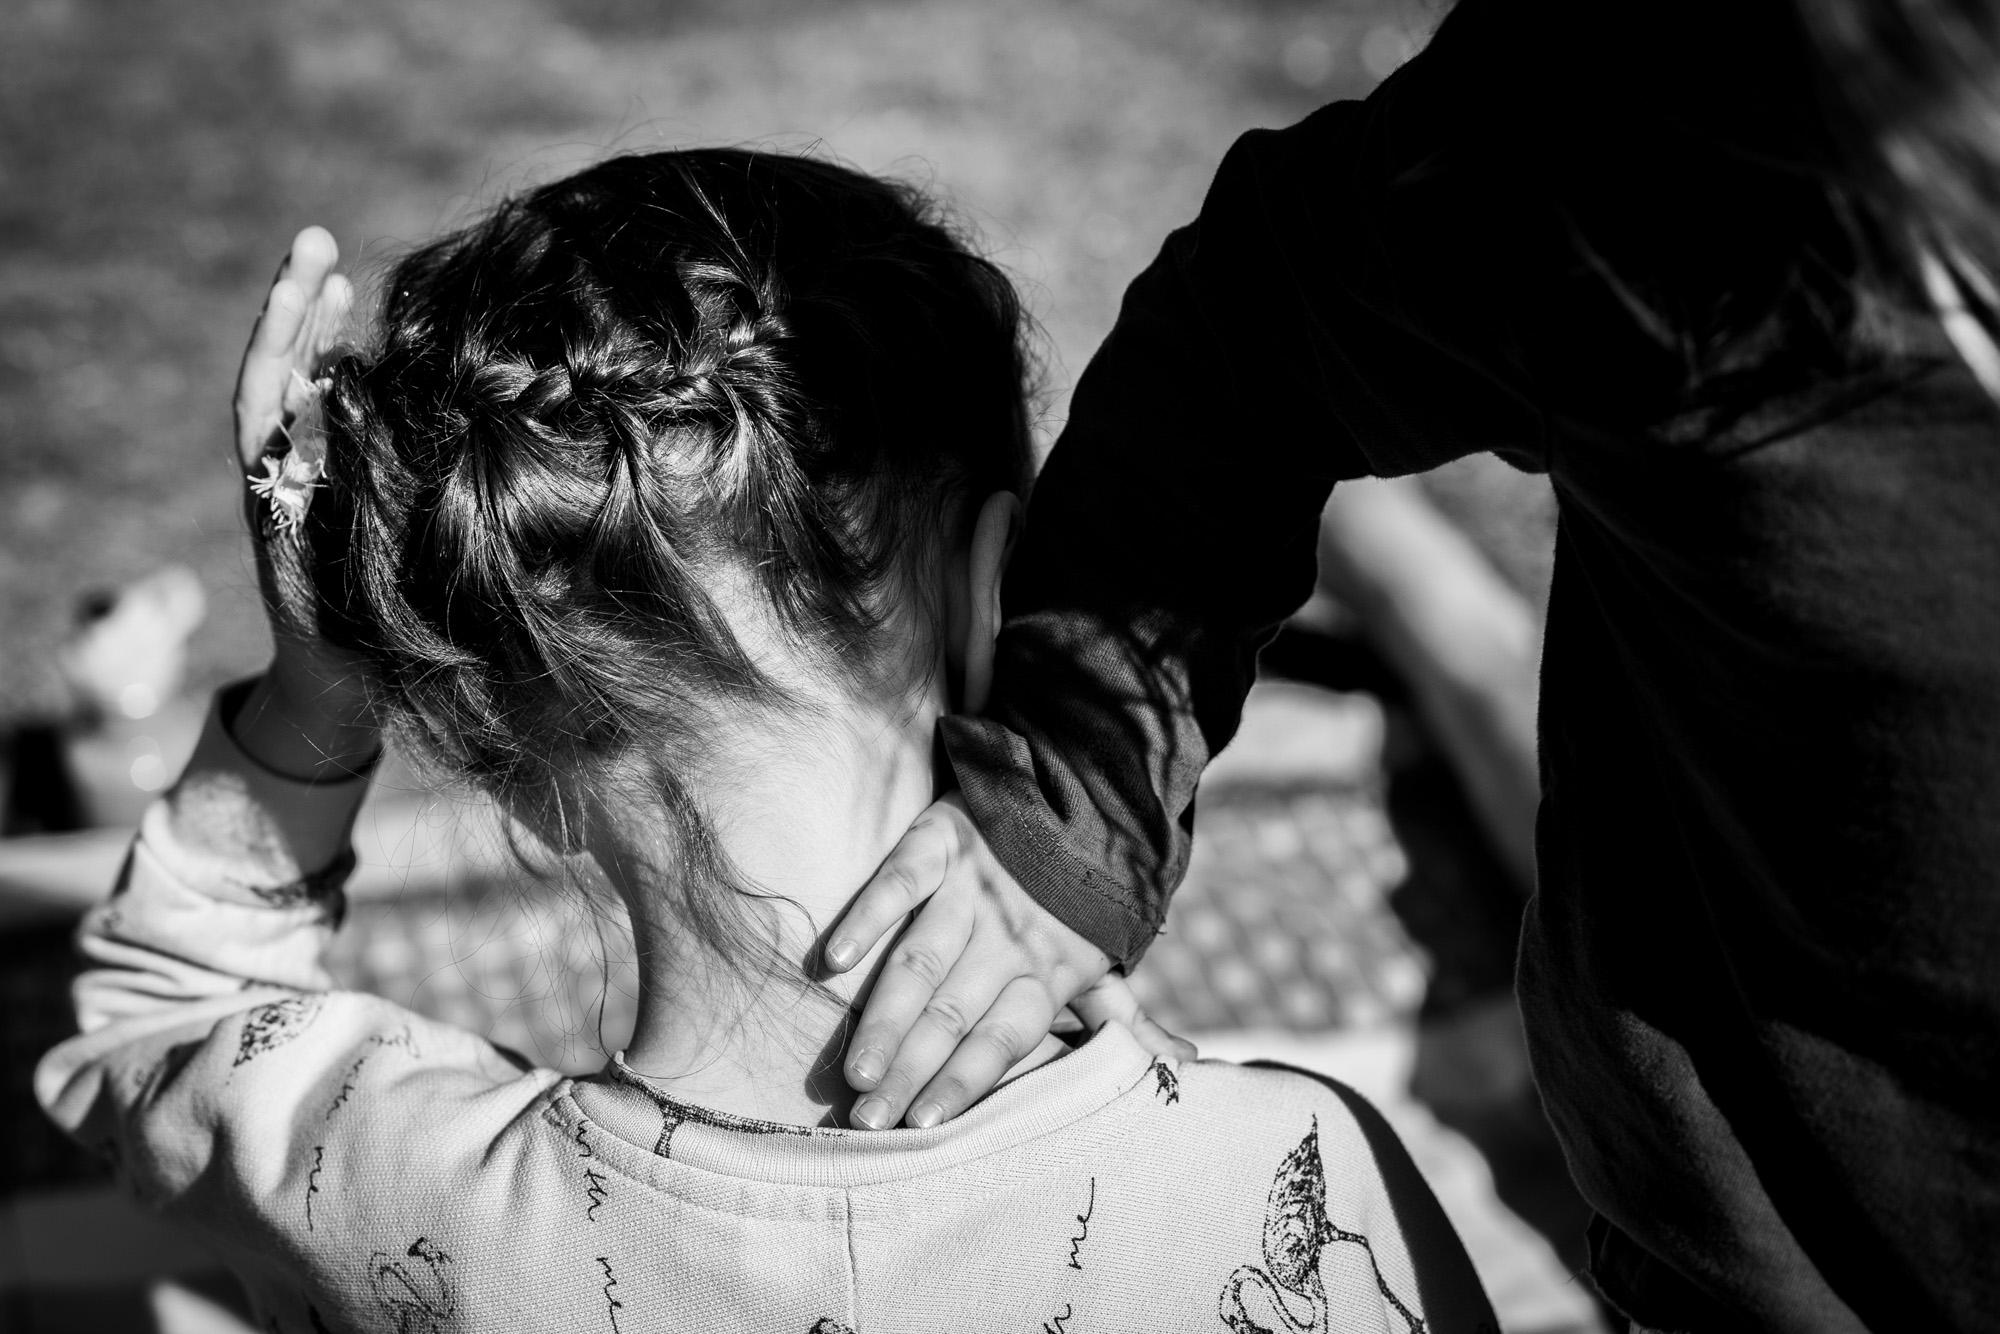 Familienmoment. Eine kleine Hand berührt den Hals eines Mädchens.